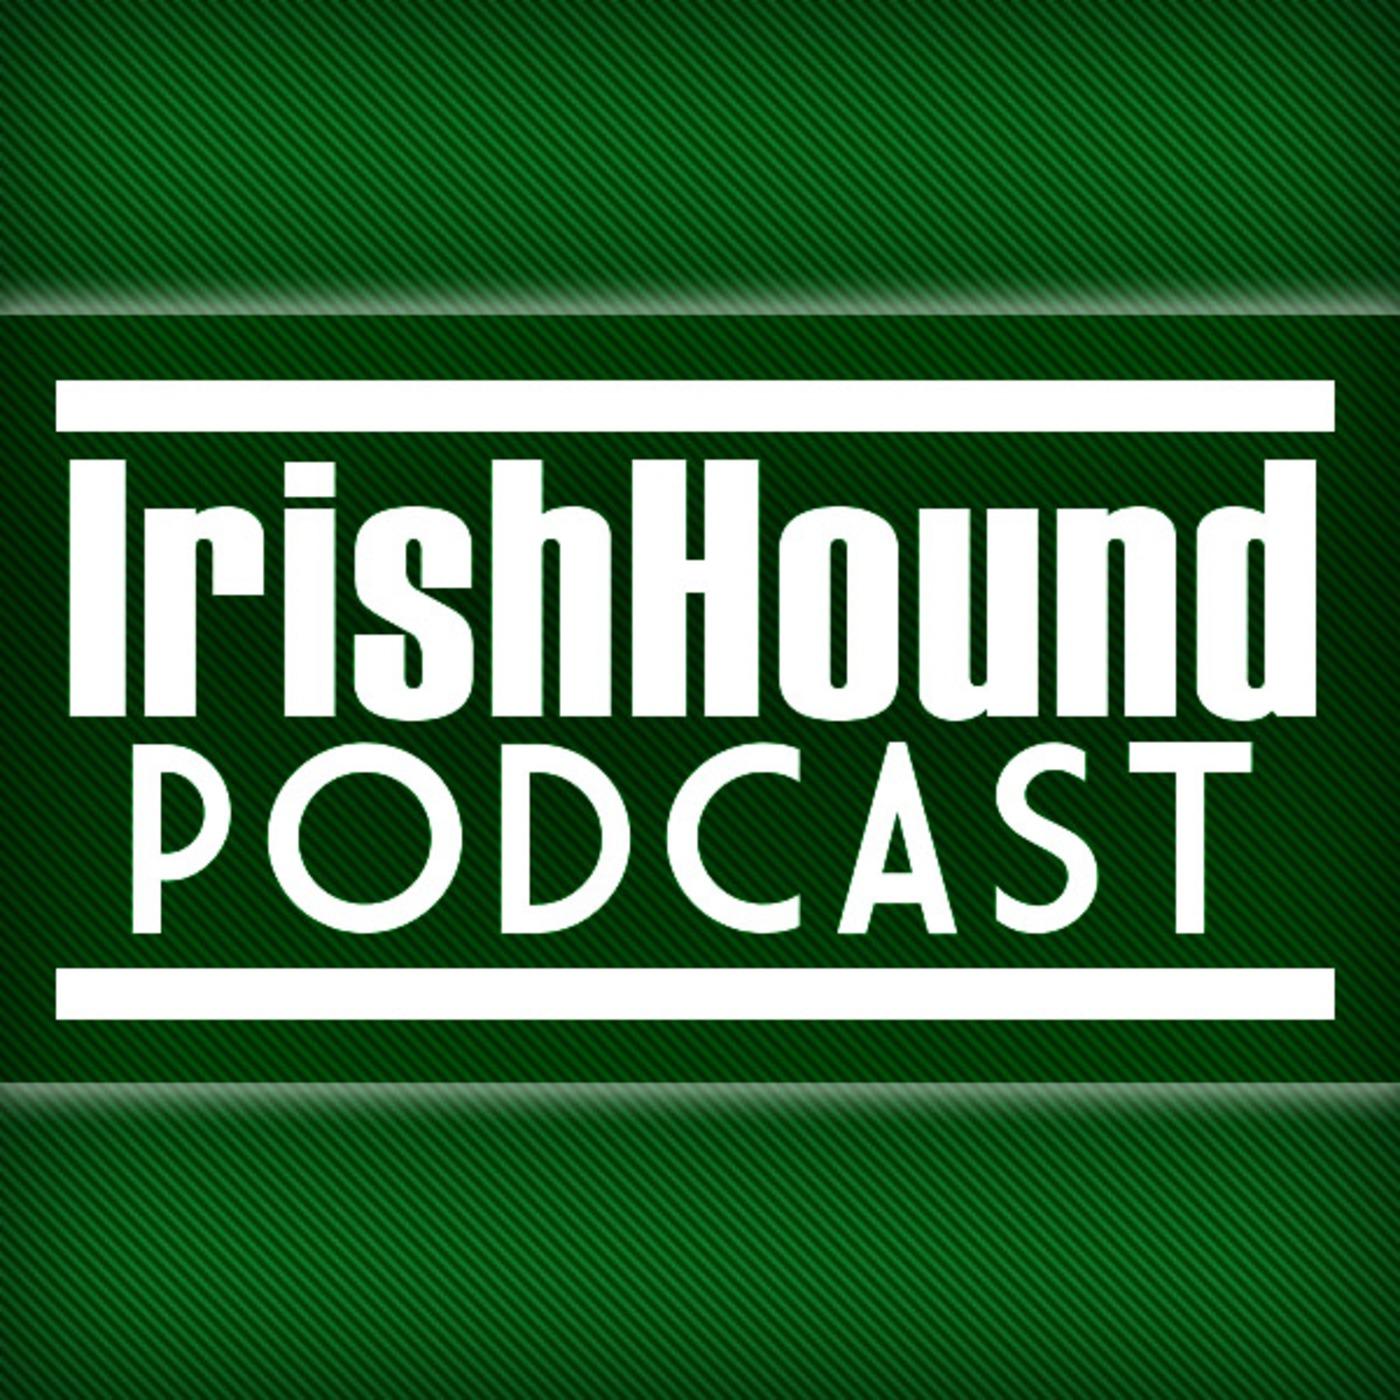 IrishHound